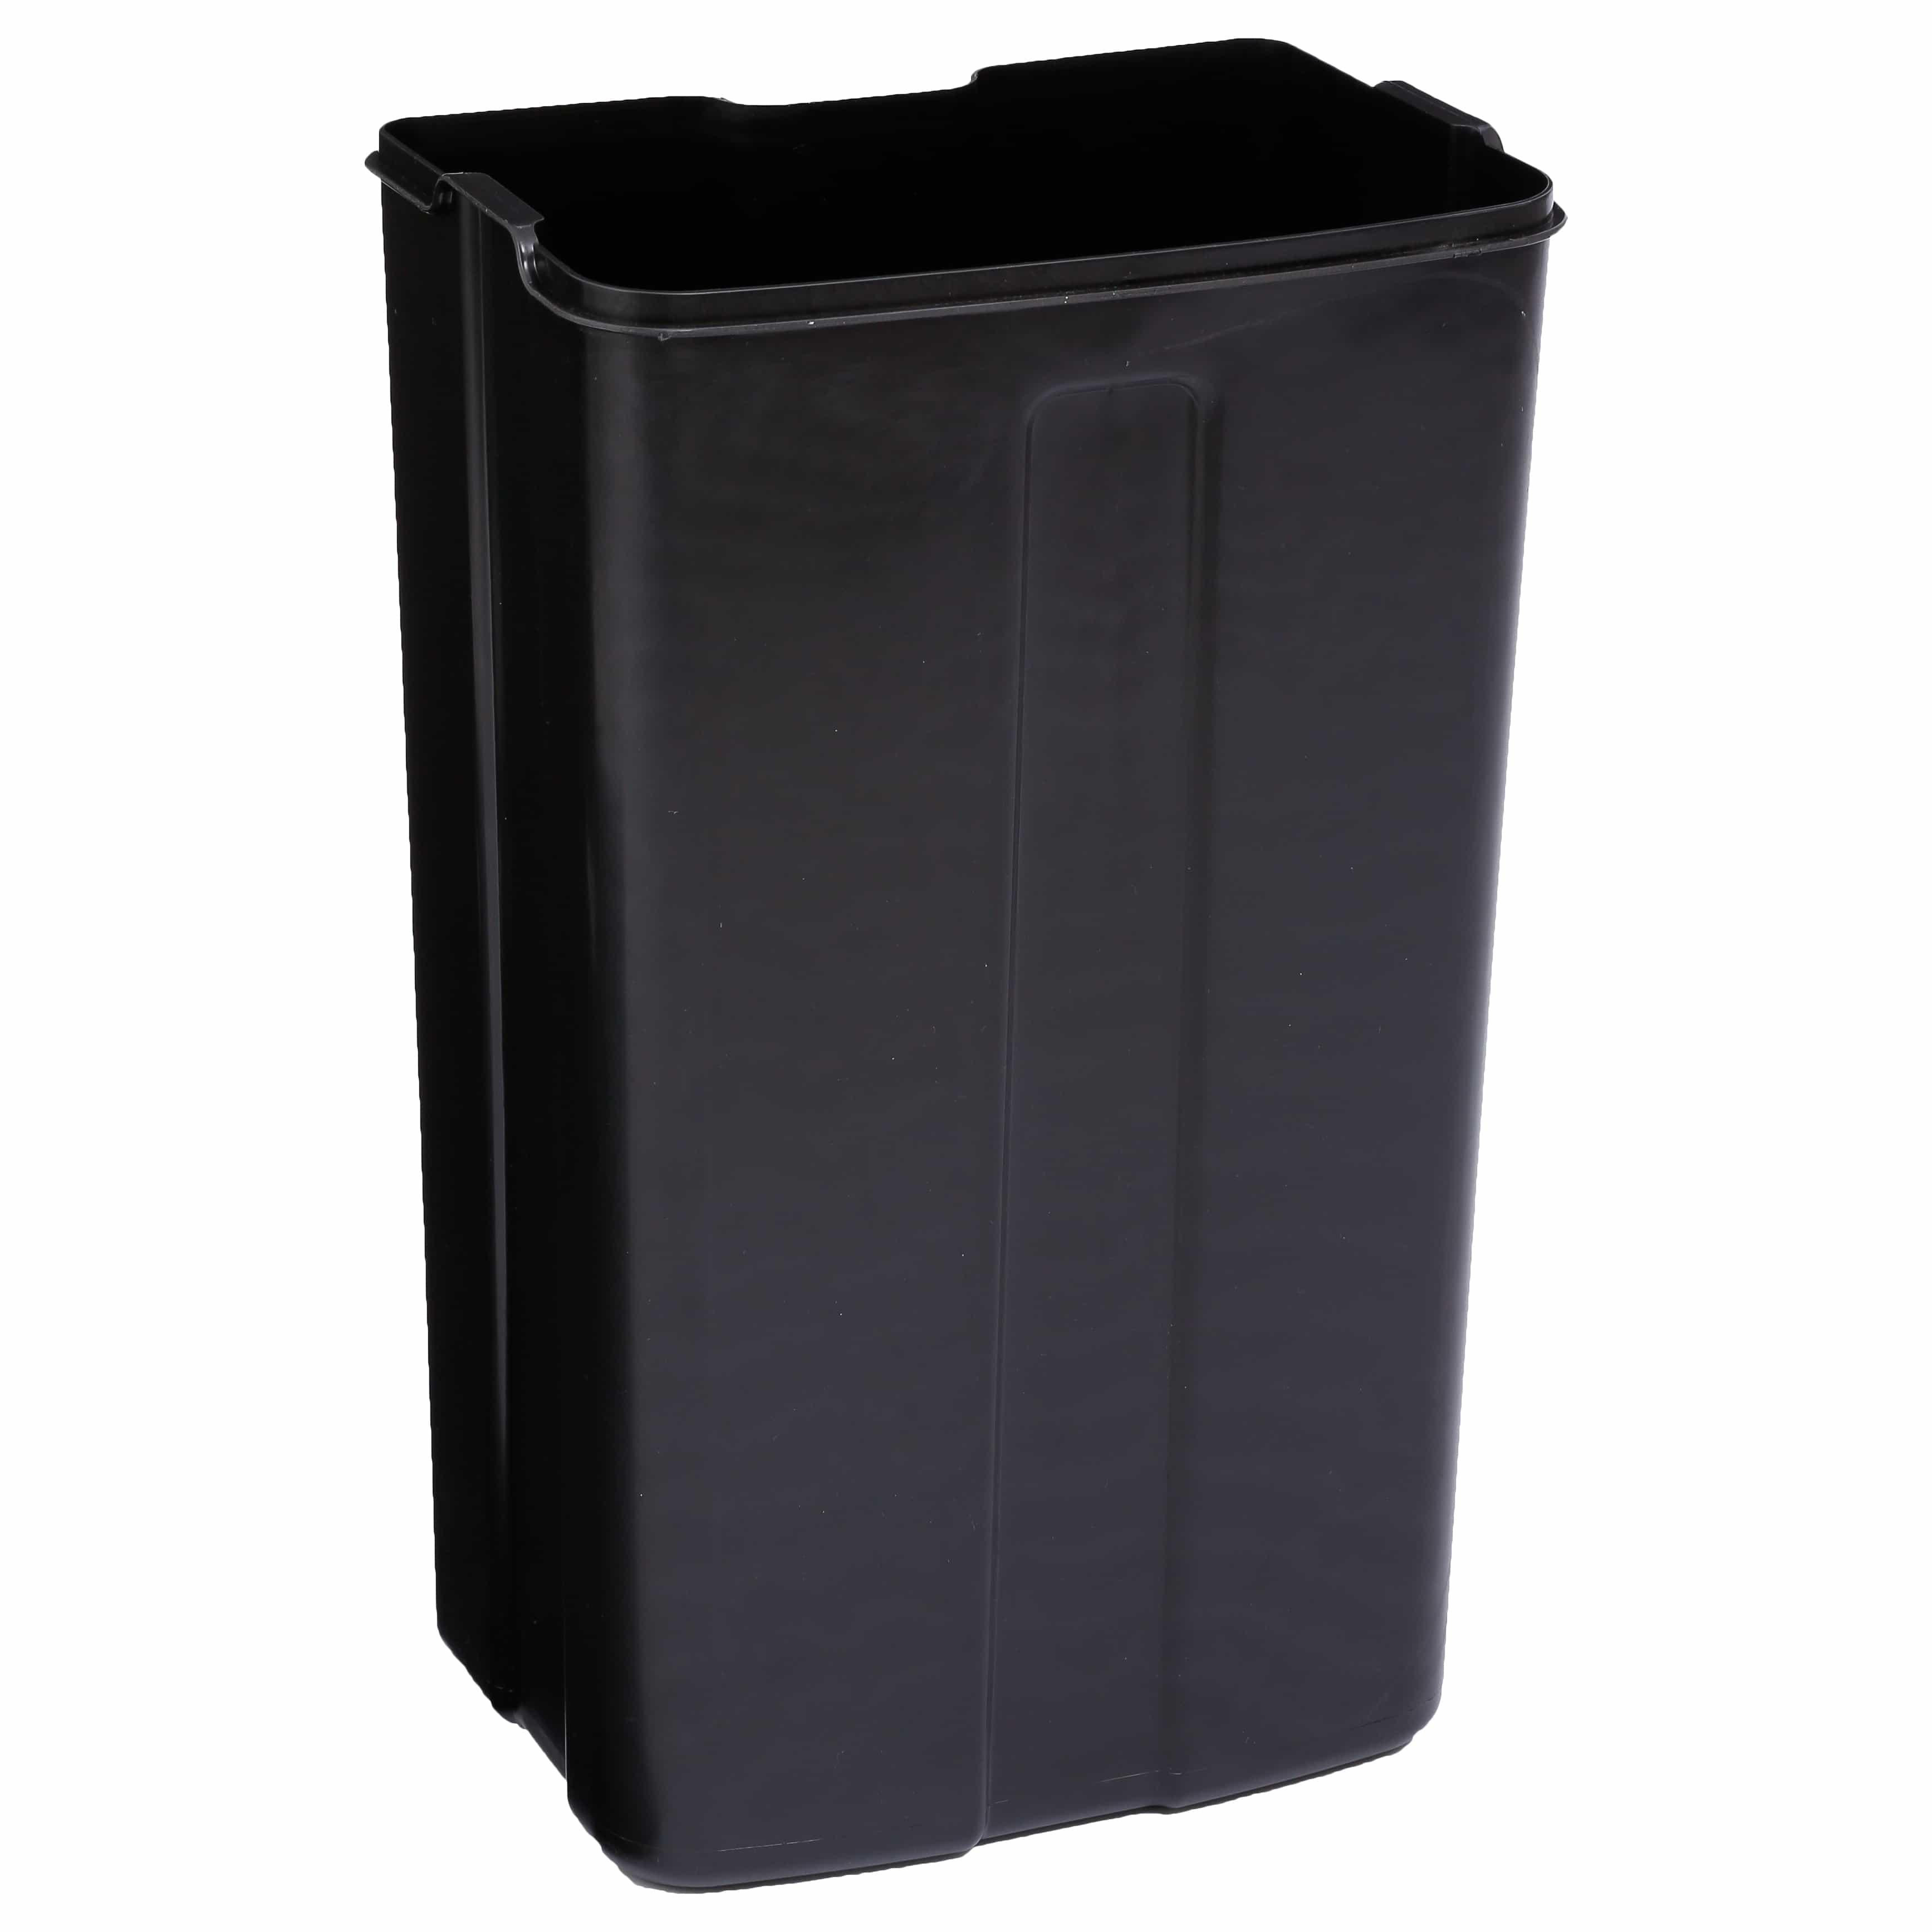 4goodz pedaalemmer 30 liter met uitneembare emmer 34x32x61cm - Beige